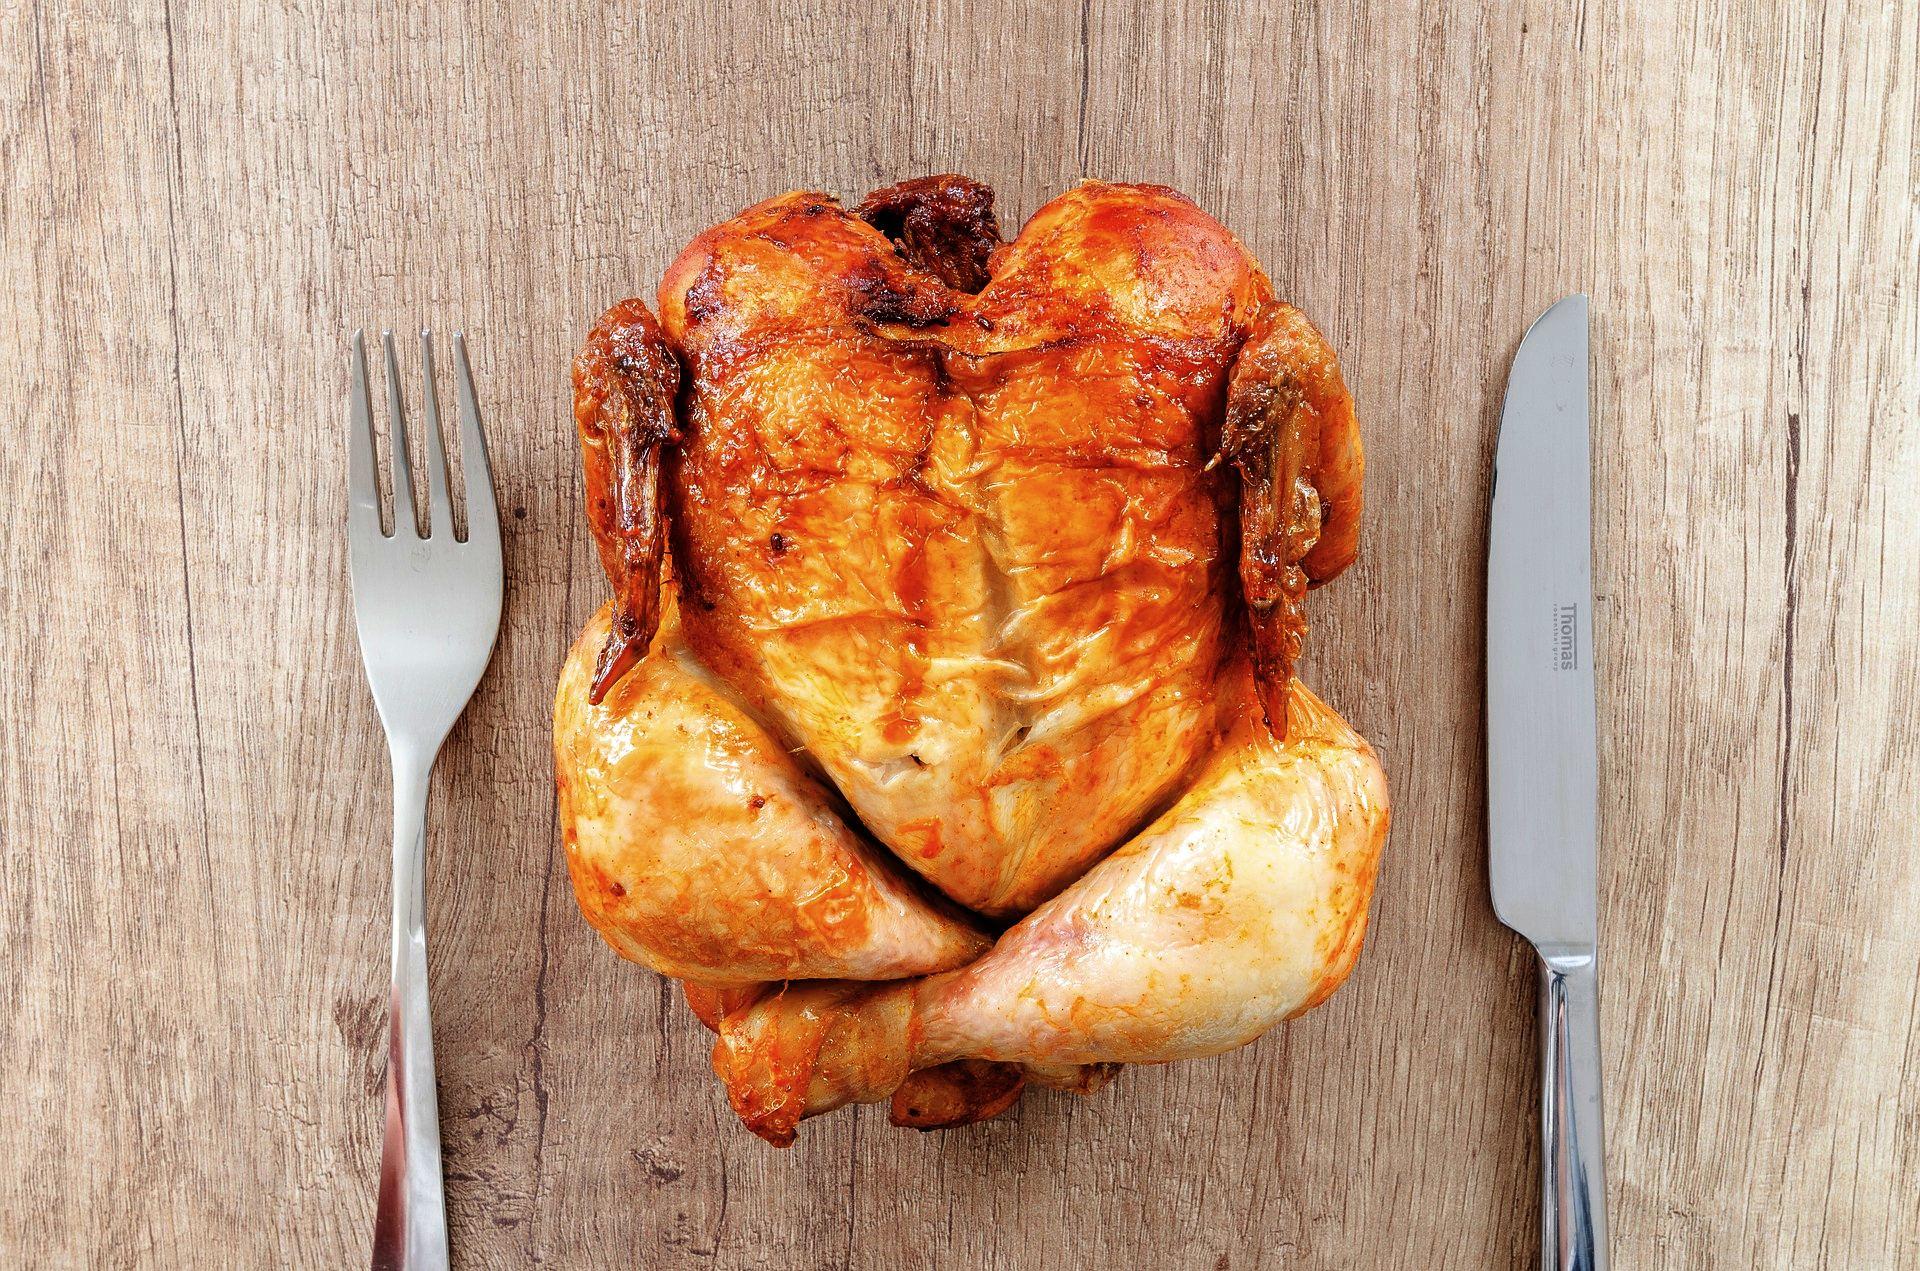 Grilované kuře je pochoutka. Ale musí být řádně tepelně zpracované